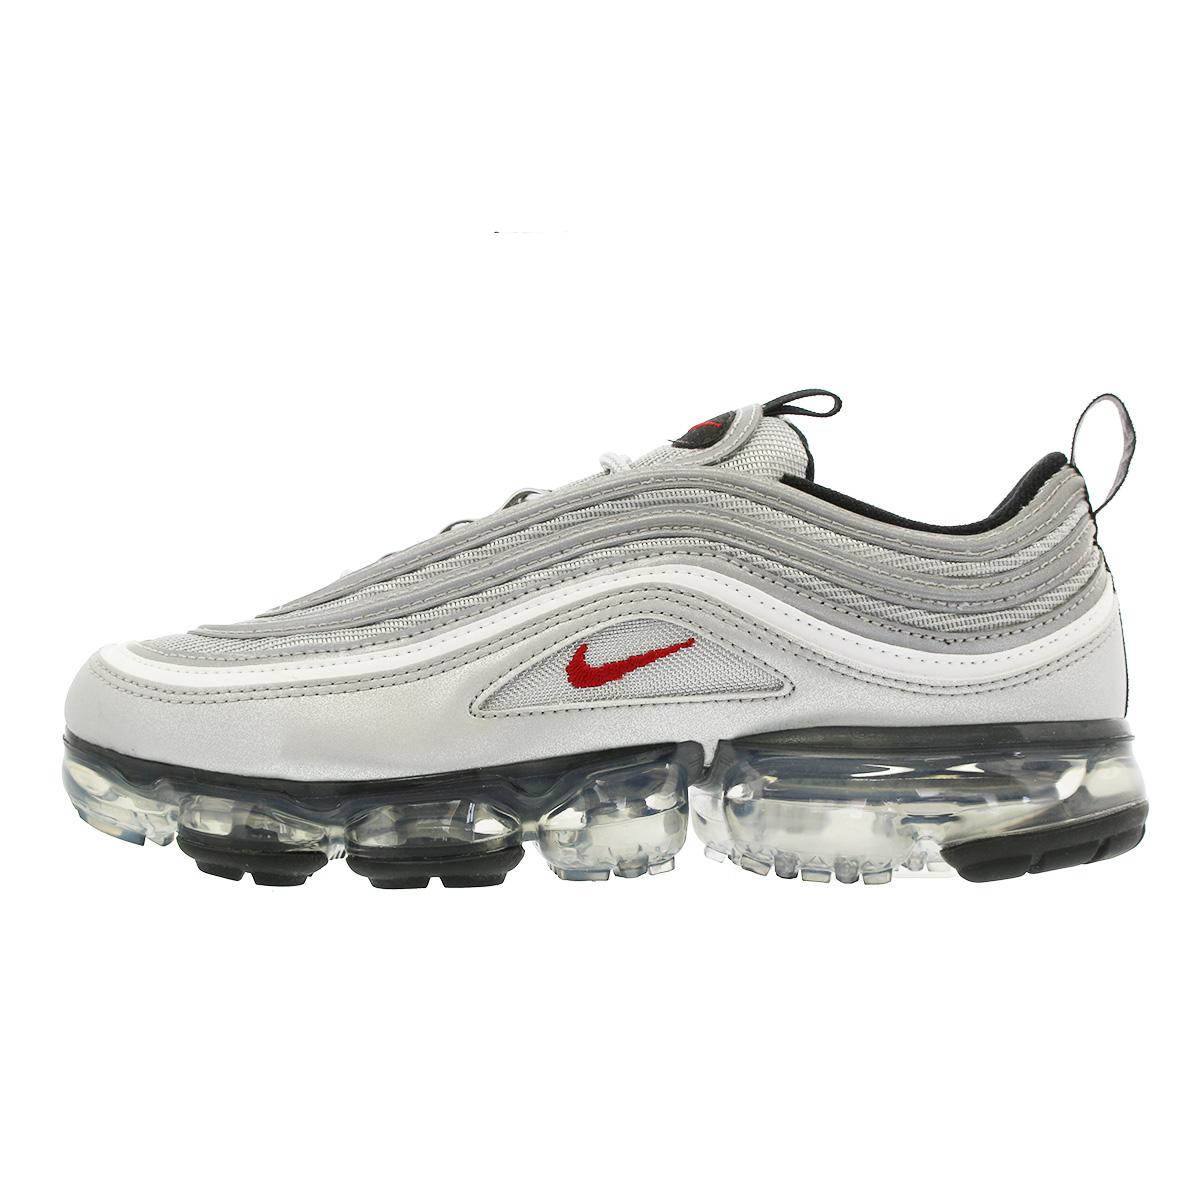 new style a5a3b 78d3a NIKE AIR VAPORMAX 97 Nike air vapor max 97 METALLIC SILVER/VARSITY  RED/WHITE/BLACK aj7291-002-l